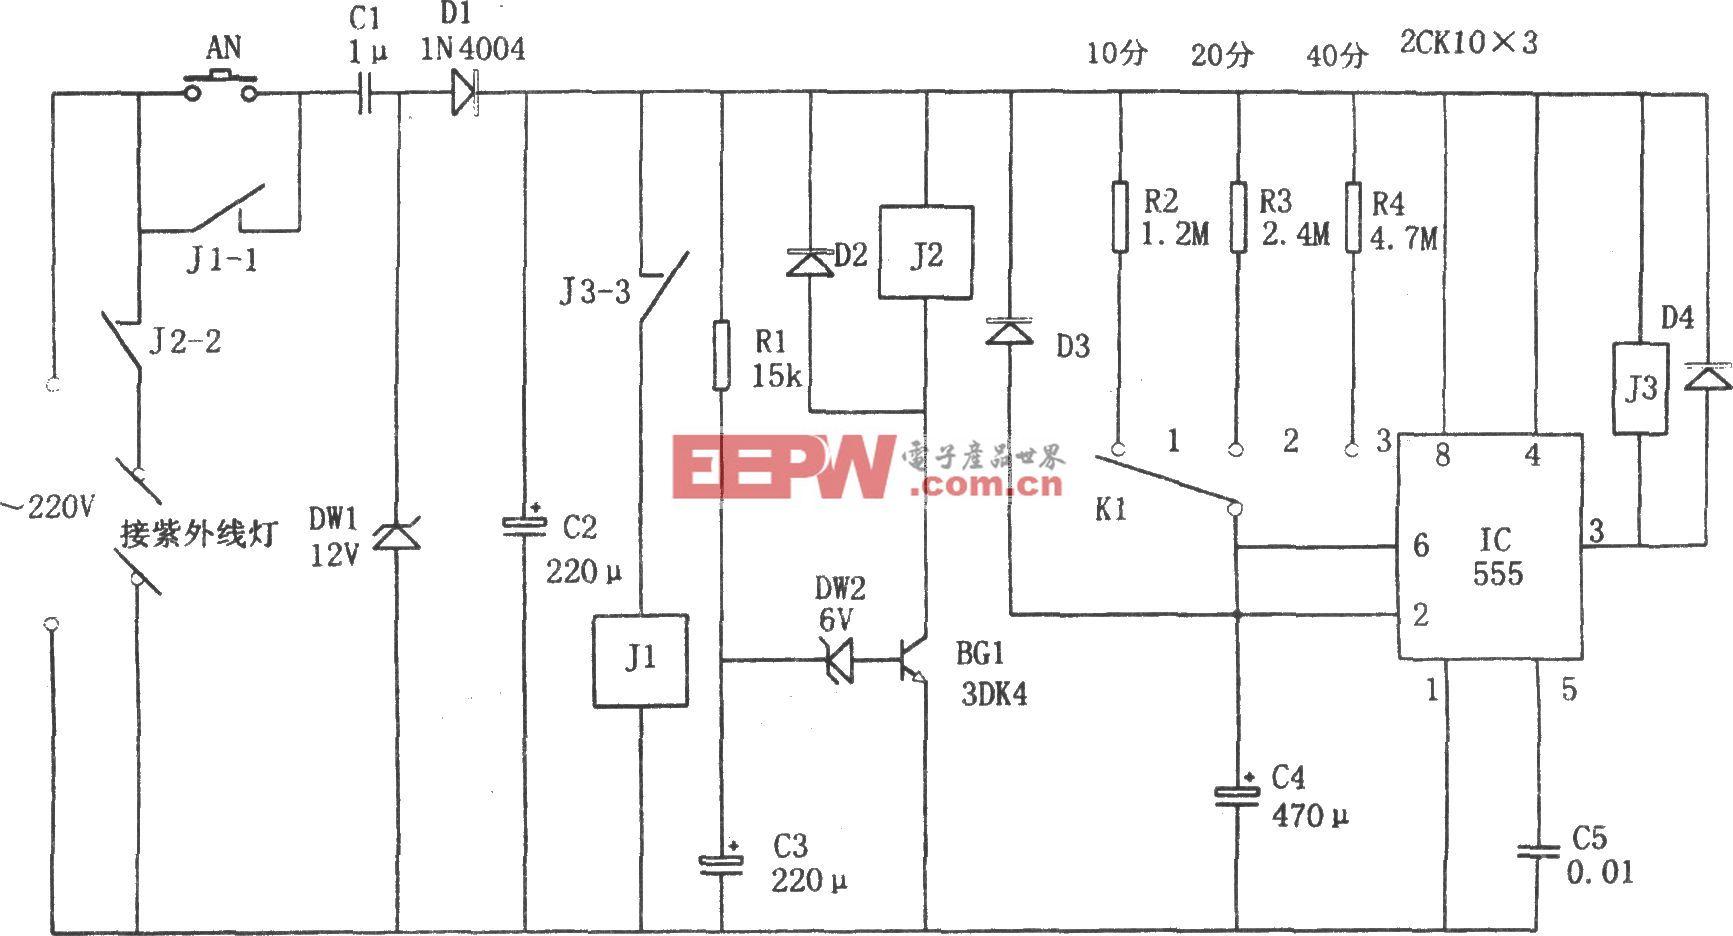 555构成的用于EPROM擦除的自动控制装置